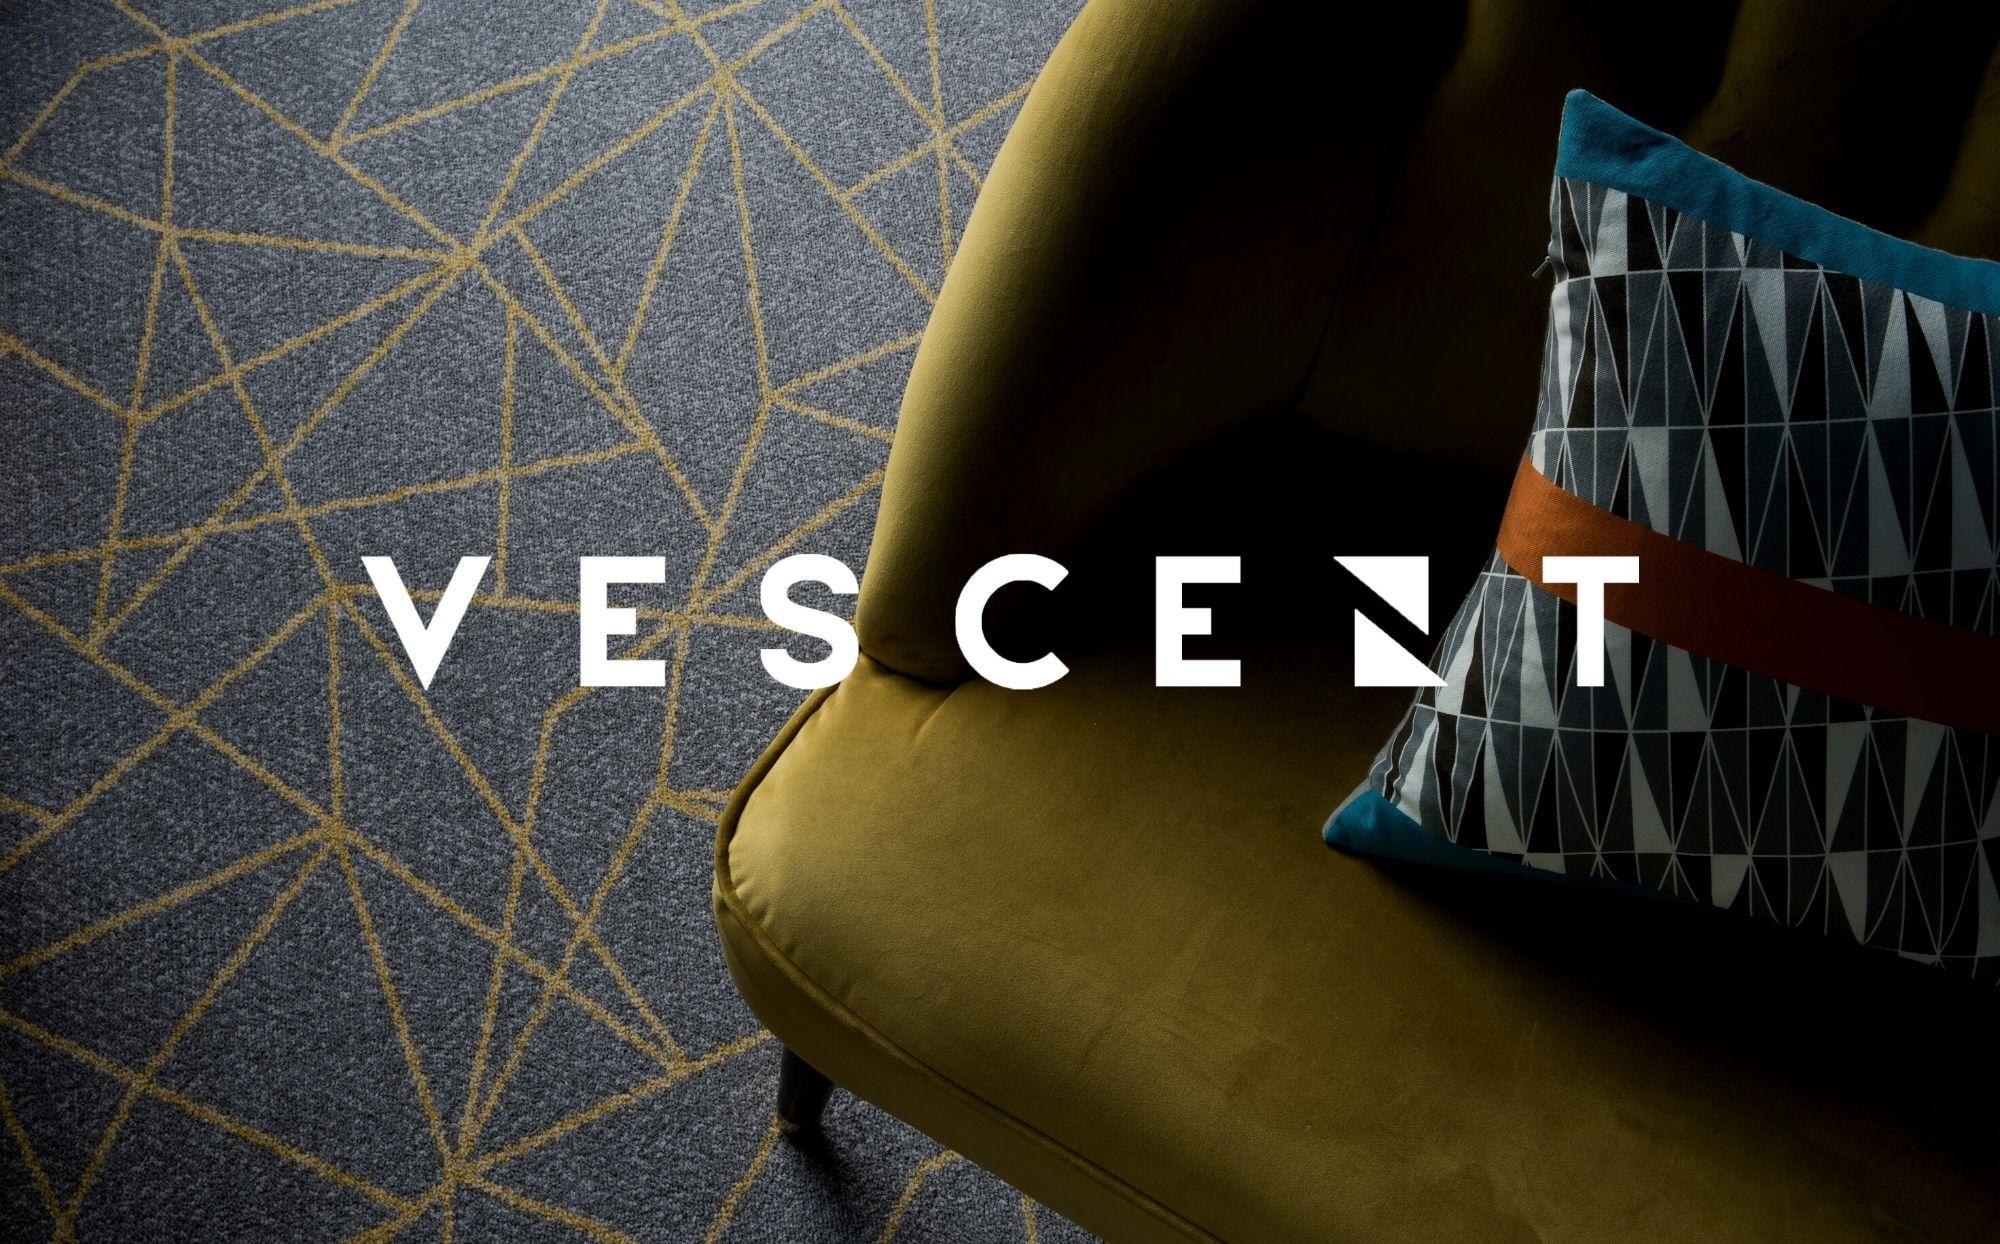 Vescent